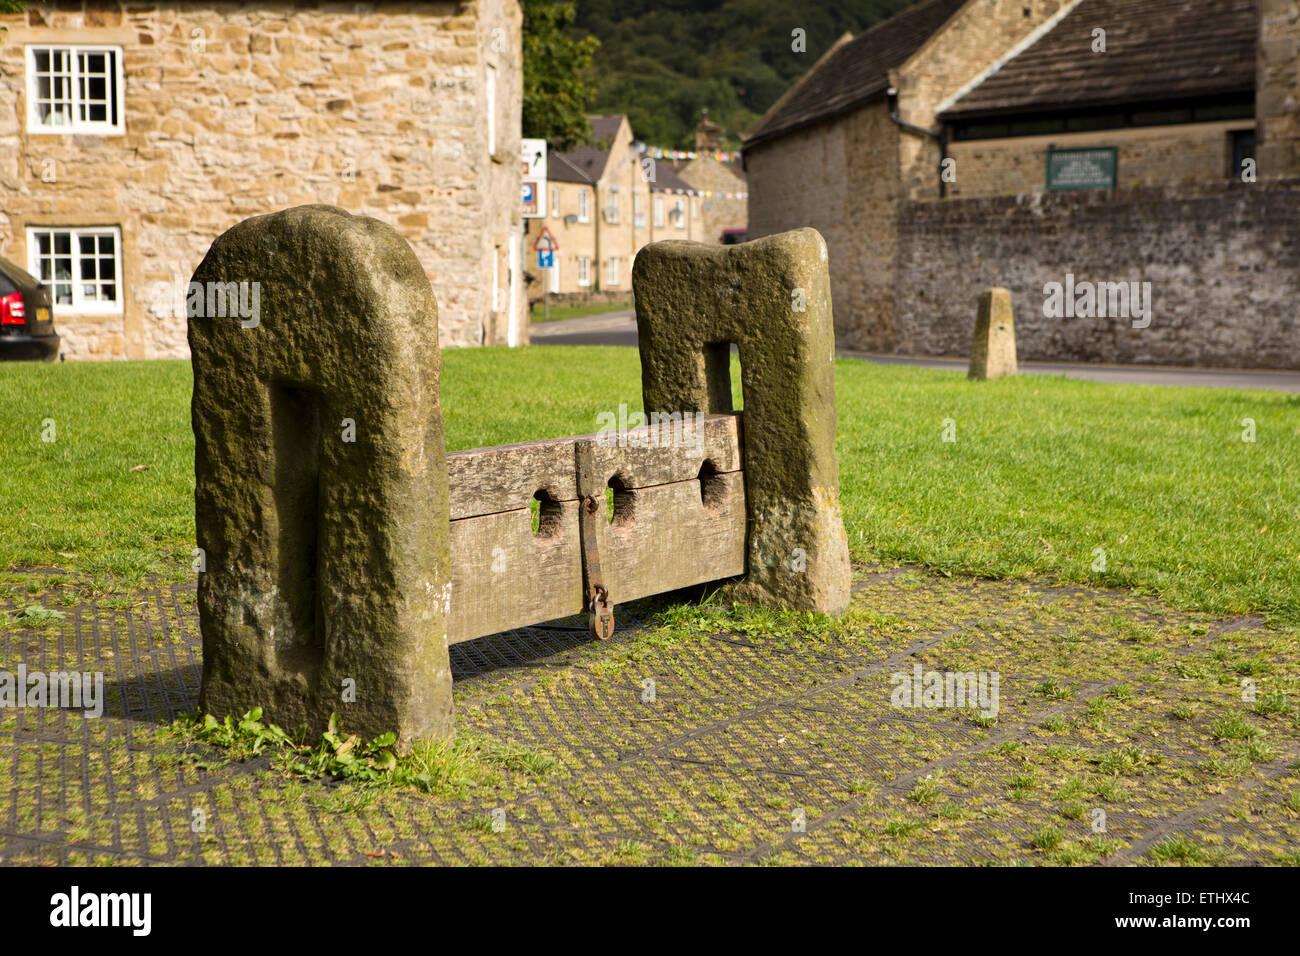 Regno Unito, Inghilterra, Derbyshire, Eyam, Piazza del Mercato, inizio C XIX secolo in pietra in legno una punizione Immagini Stock